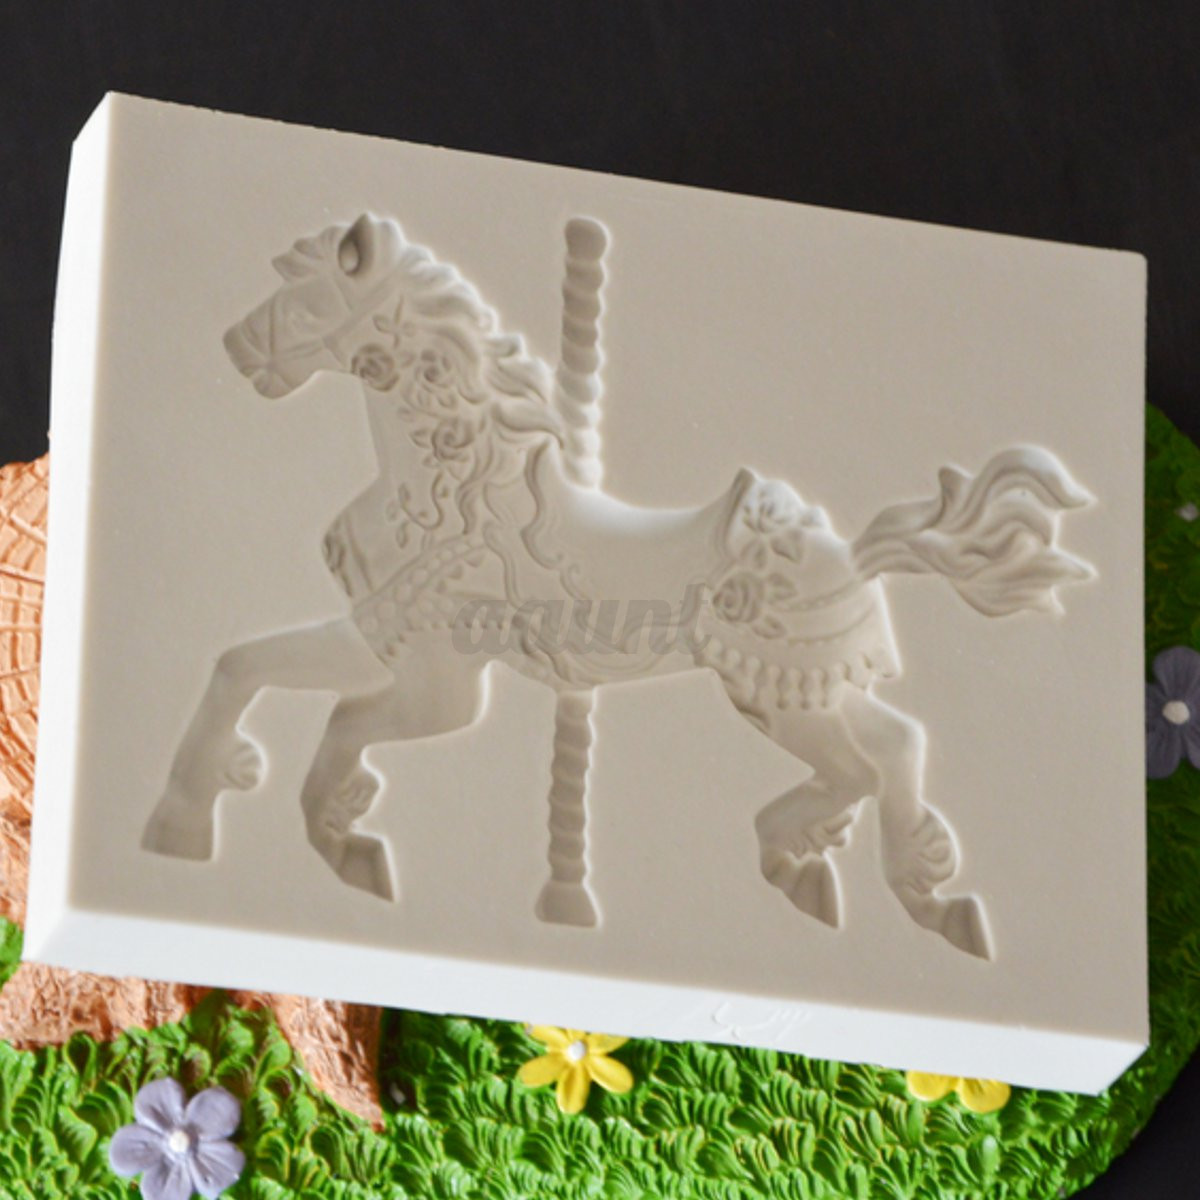 Cake Decorating Horse Mould : Silicone Carousel Horse Fondant Mold Cake Decorating ...